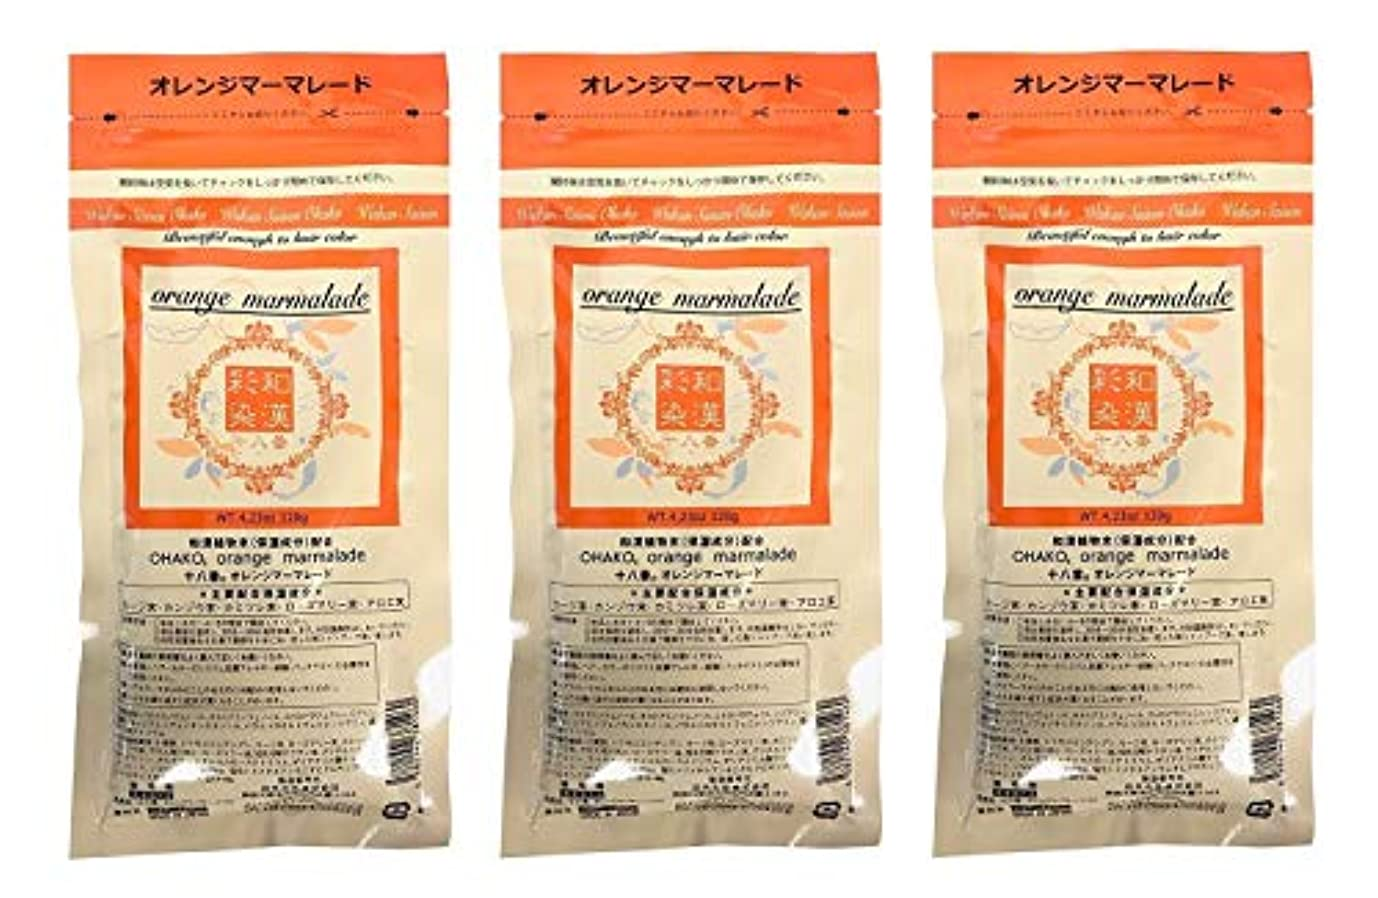 遊具引退する汚す【3個セット】グランデックス 和漢彩染 十八番 120g オレンジママーレード